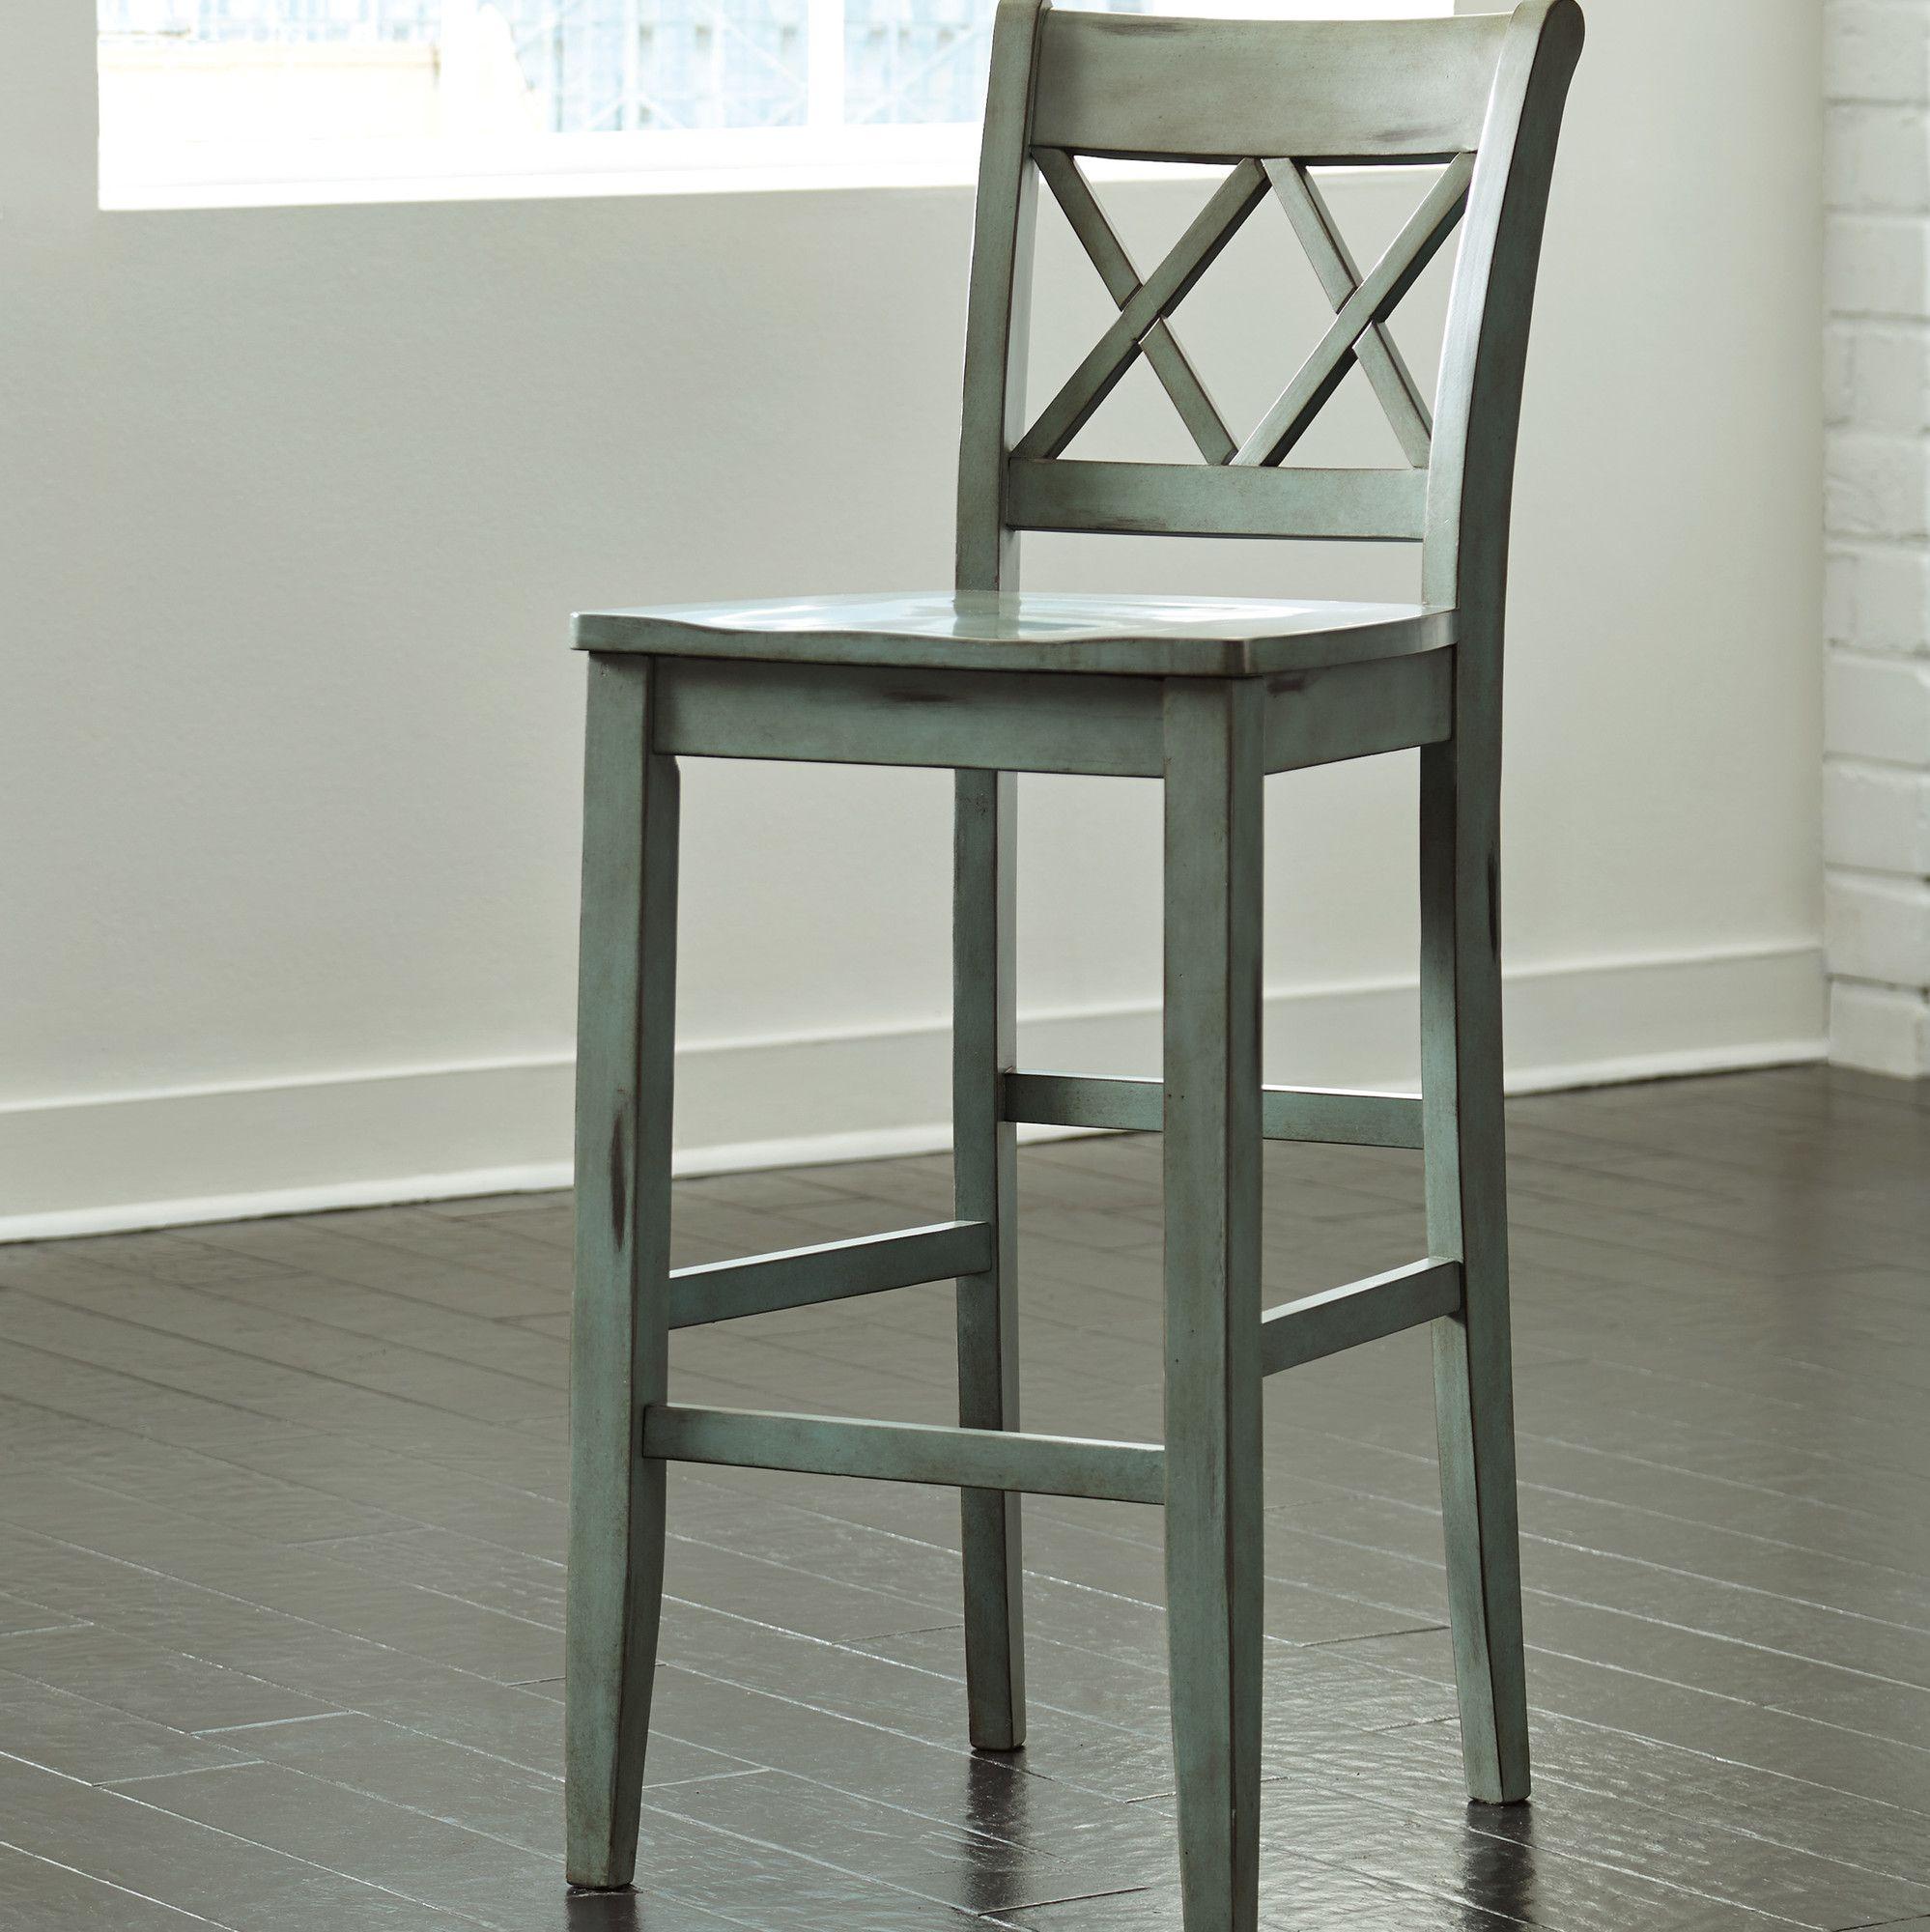 Pleasing Bolden 30 13 Bar Stool In 2019 Kitchen Bar Stools 30 Inzonedesignstudio Interior Chair Design Inzonedesignstudiocom